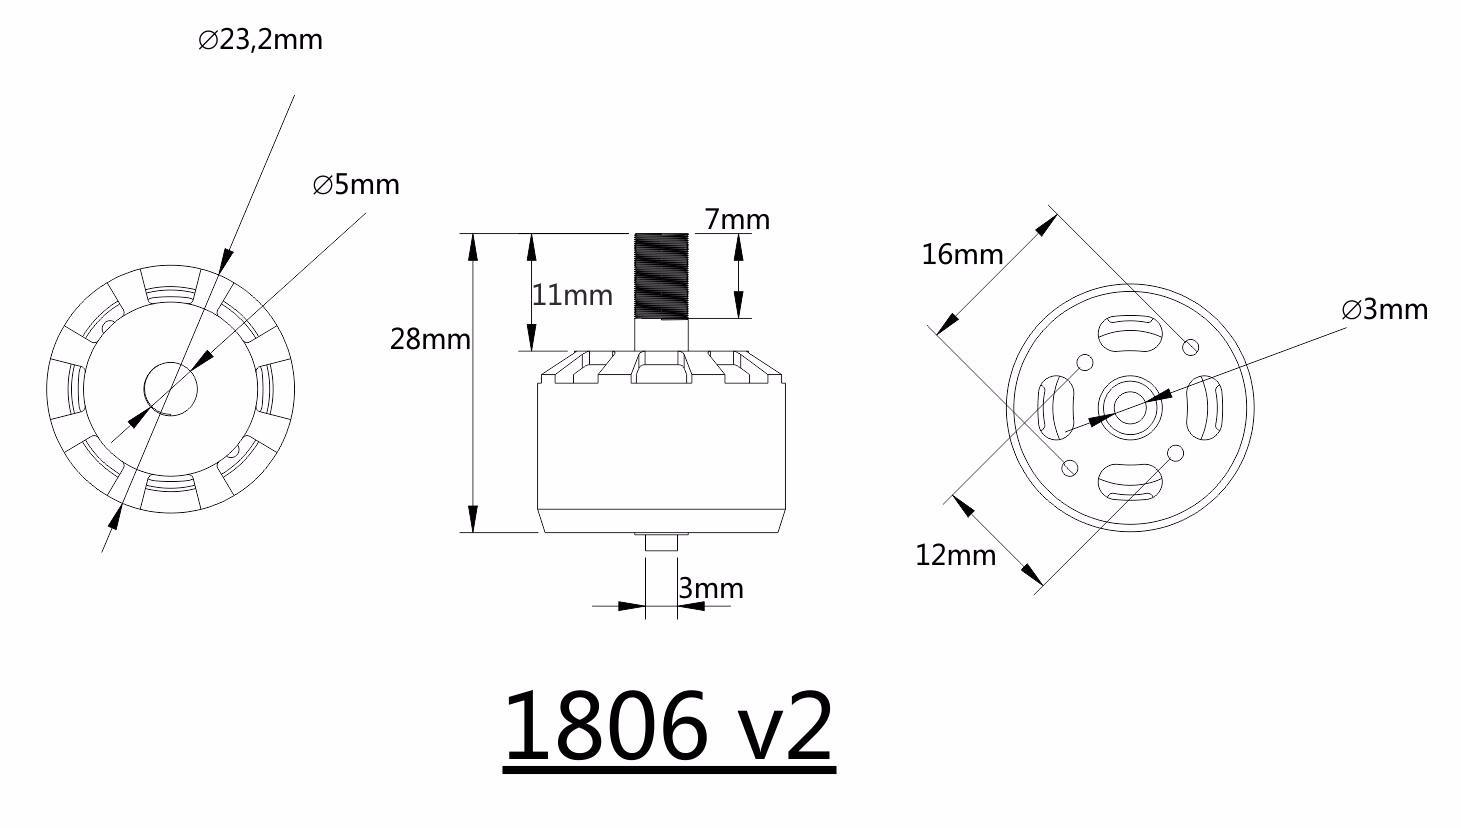 Kingkong V2 2 4s Kv Cw Ccw Brushless Motor For Rc Multirotor